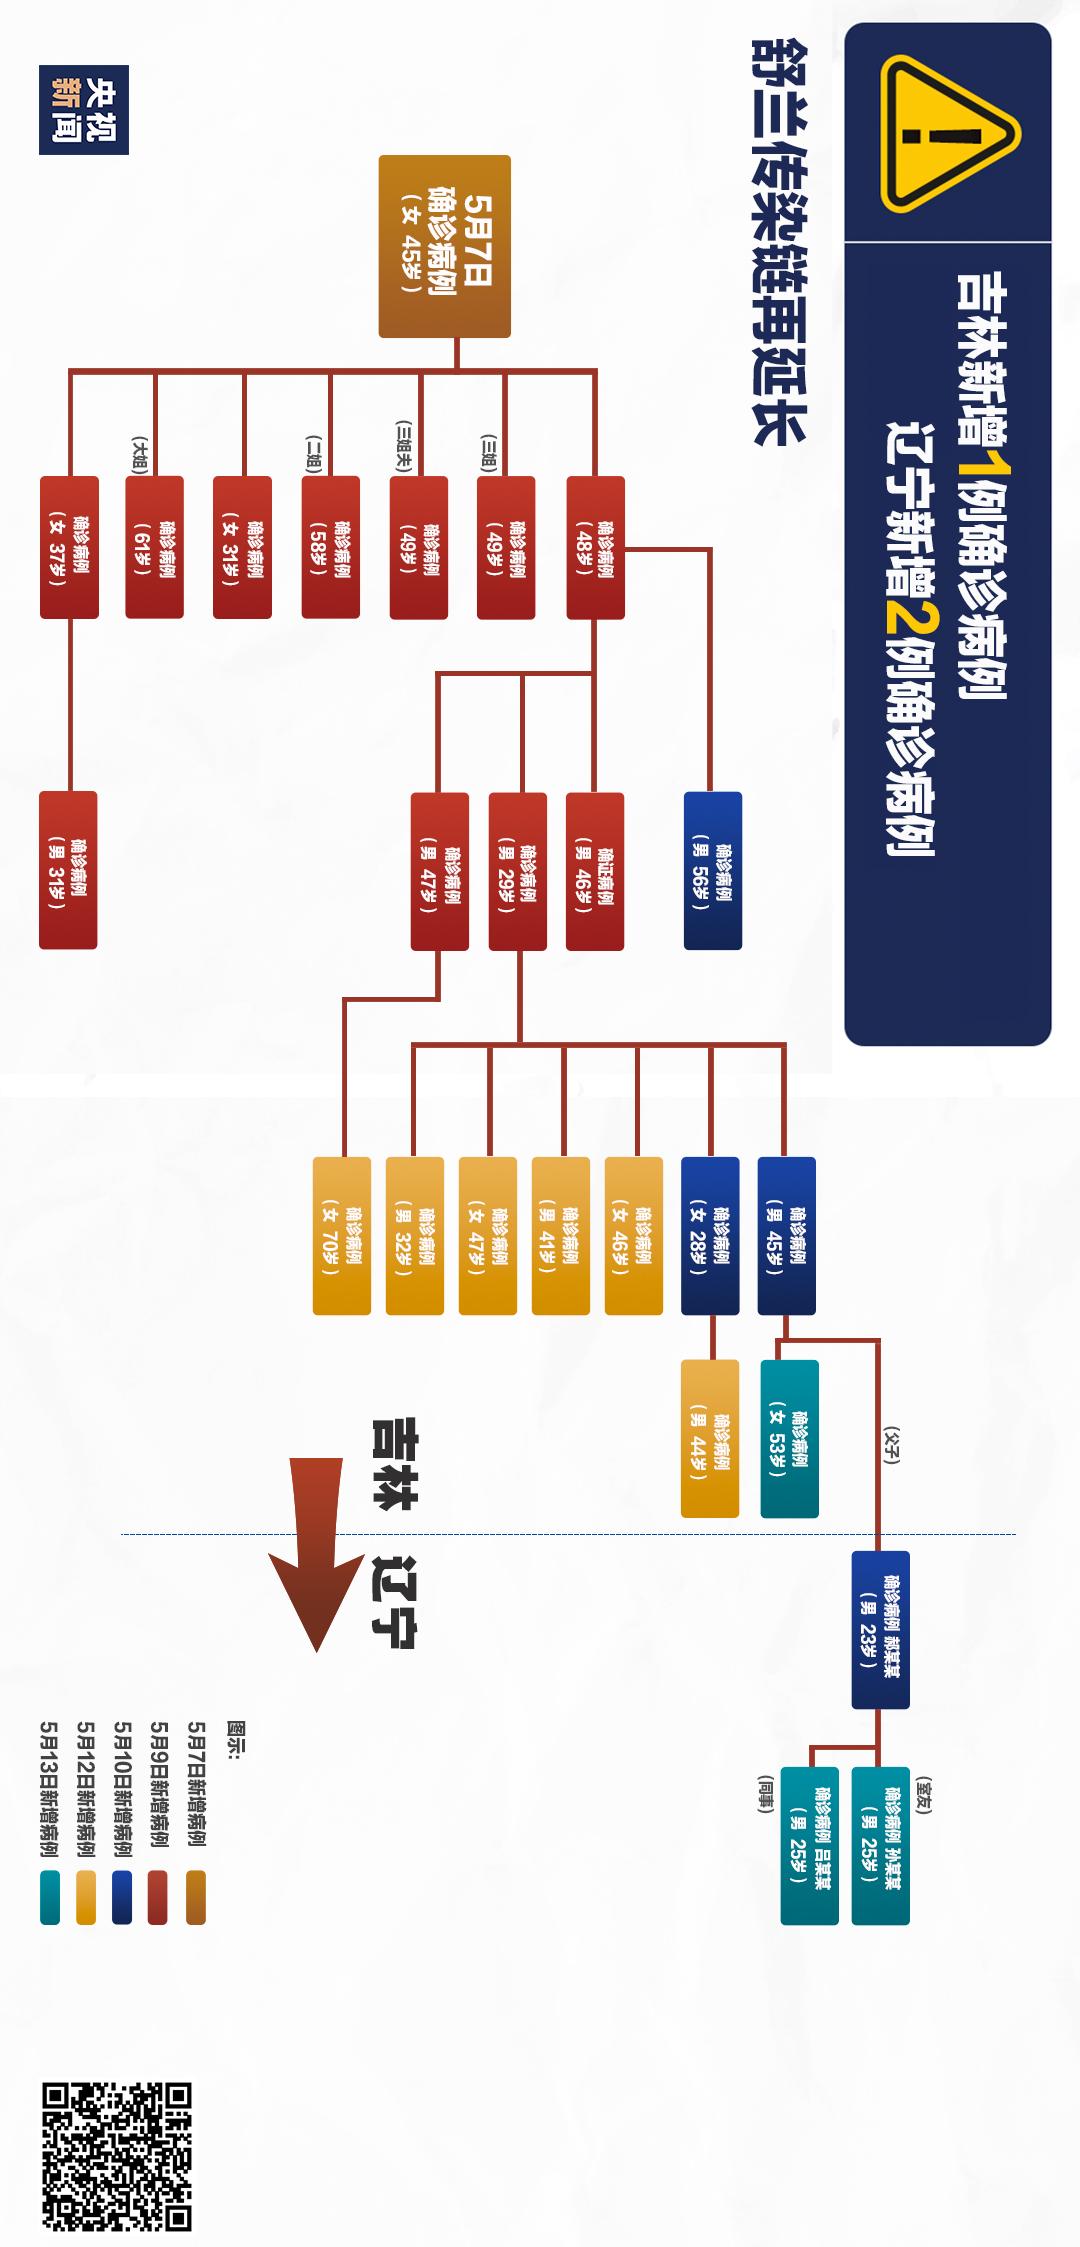 「摩天代理」林疫情传染摩天代理链仍在延伸海图片